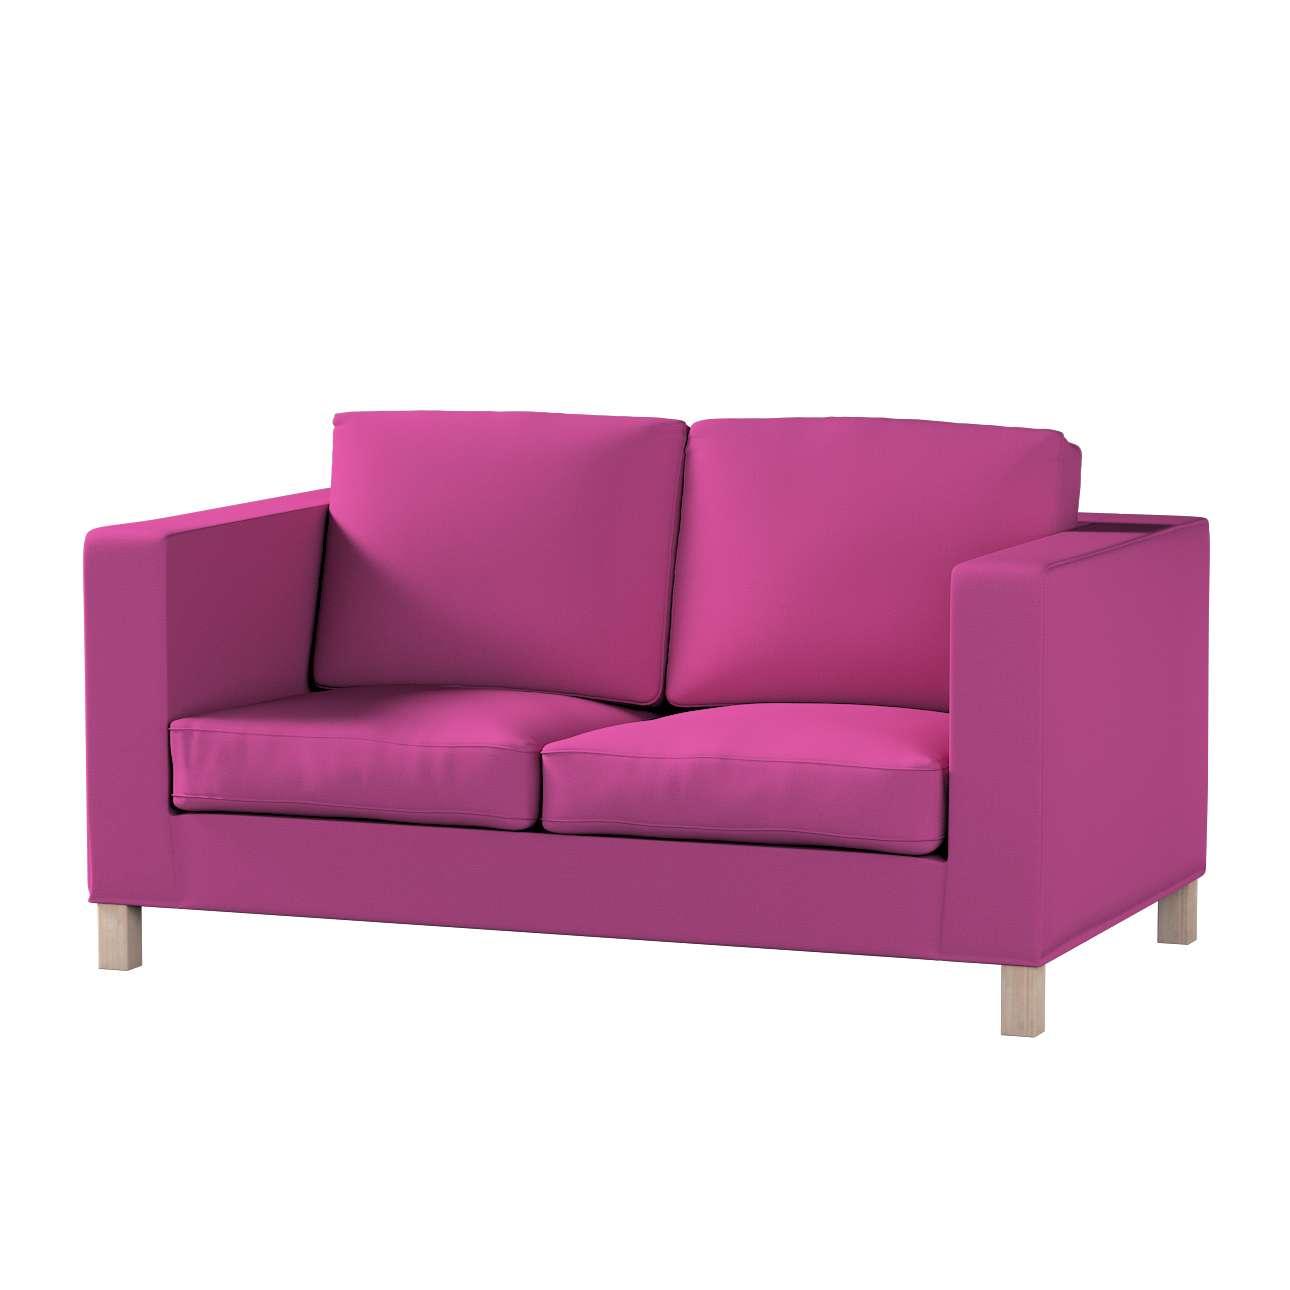 Karlanda 2-Sitzer Sofabezug nicht ausklappbar kurz Karlanda 2-Sitzer von der Kollektion Etna, Stoff: 705-23